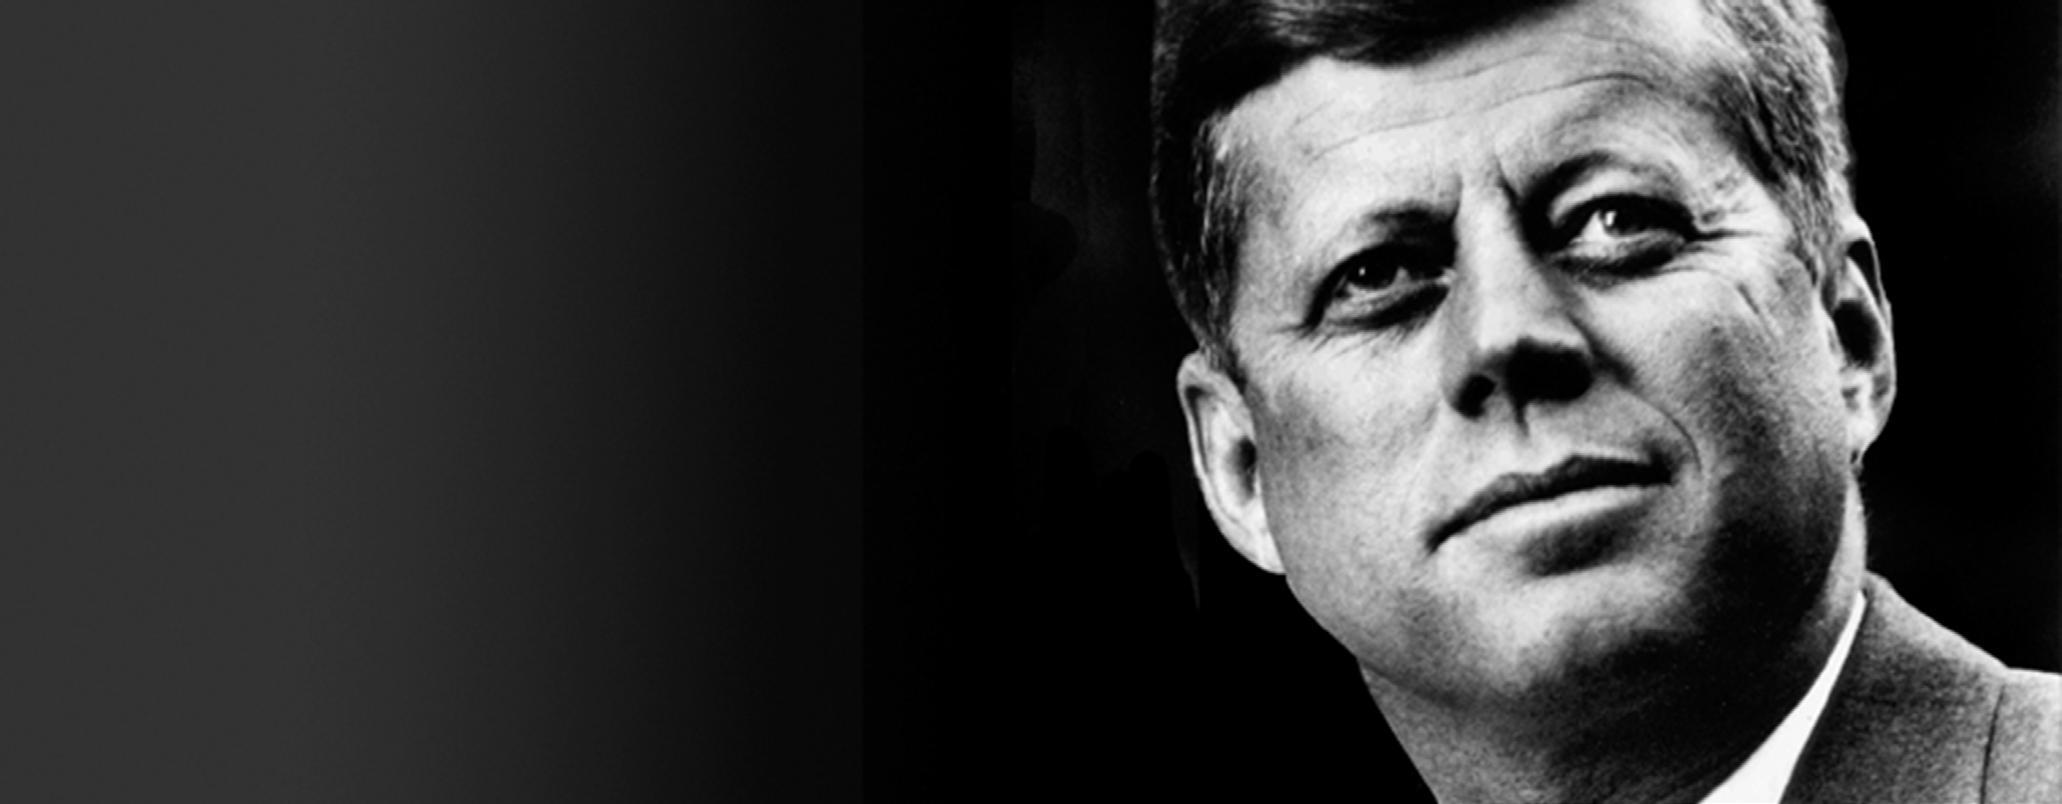 Un cuento Fumigaciones Kennedy